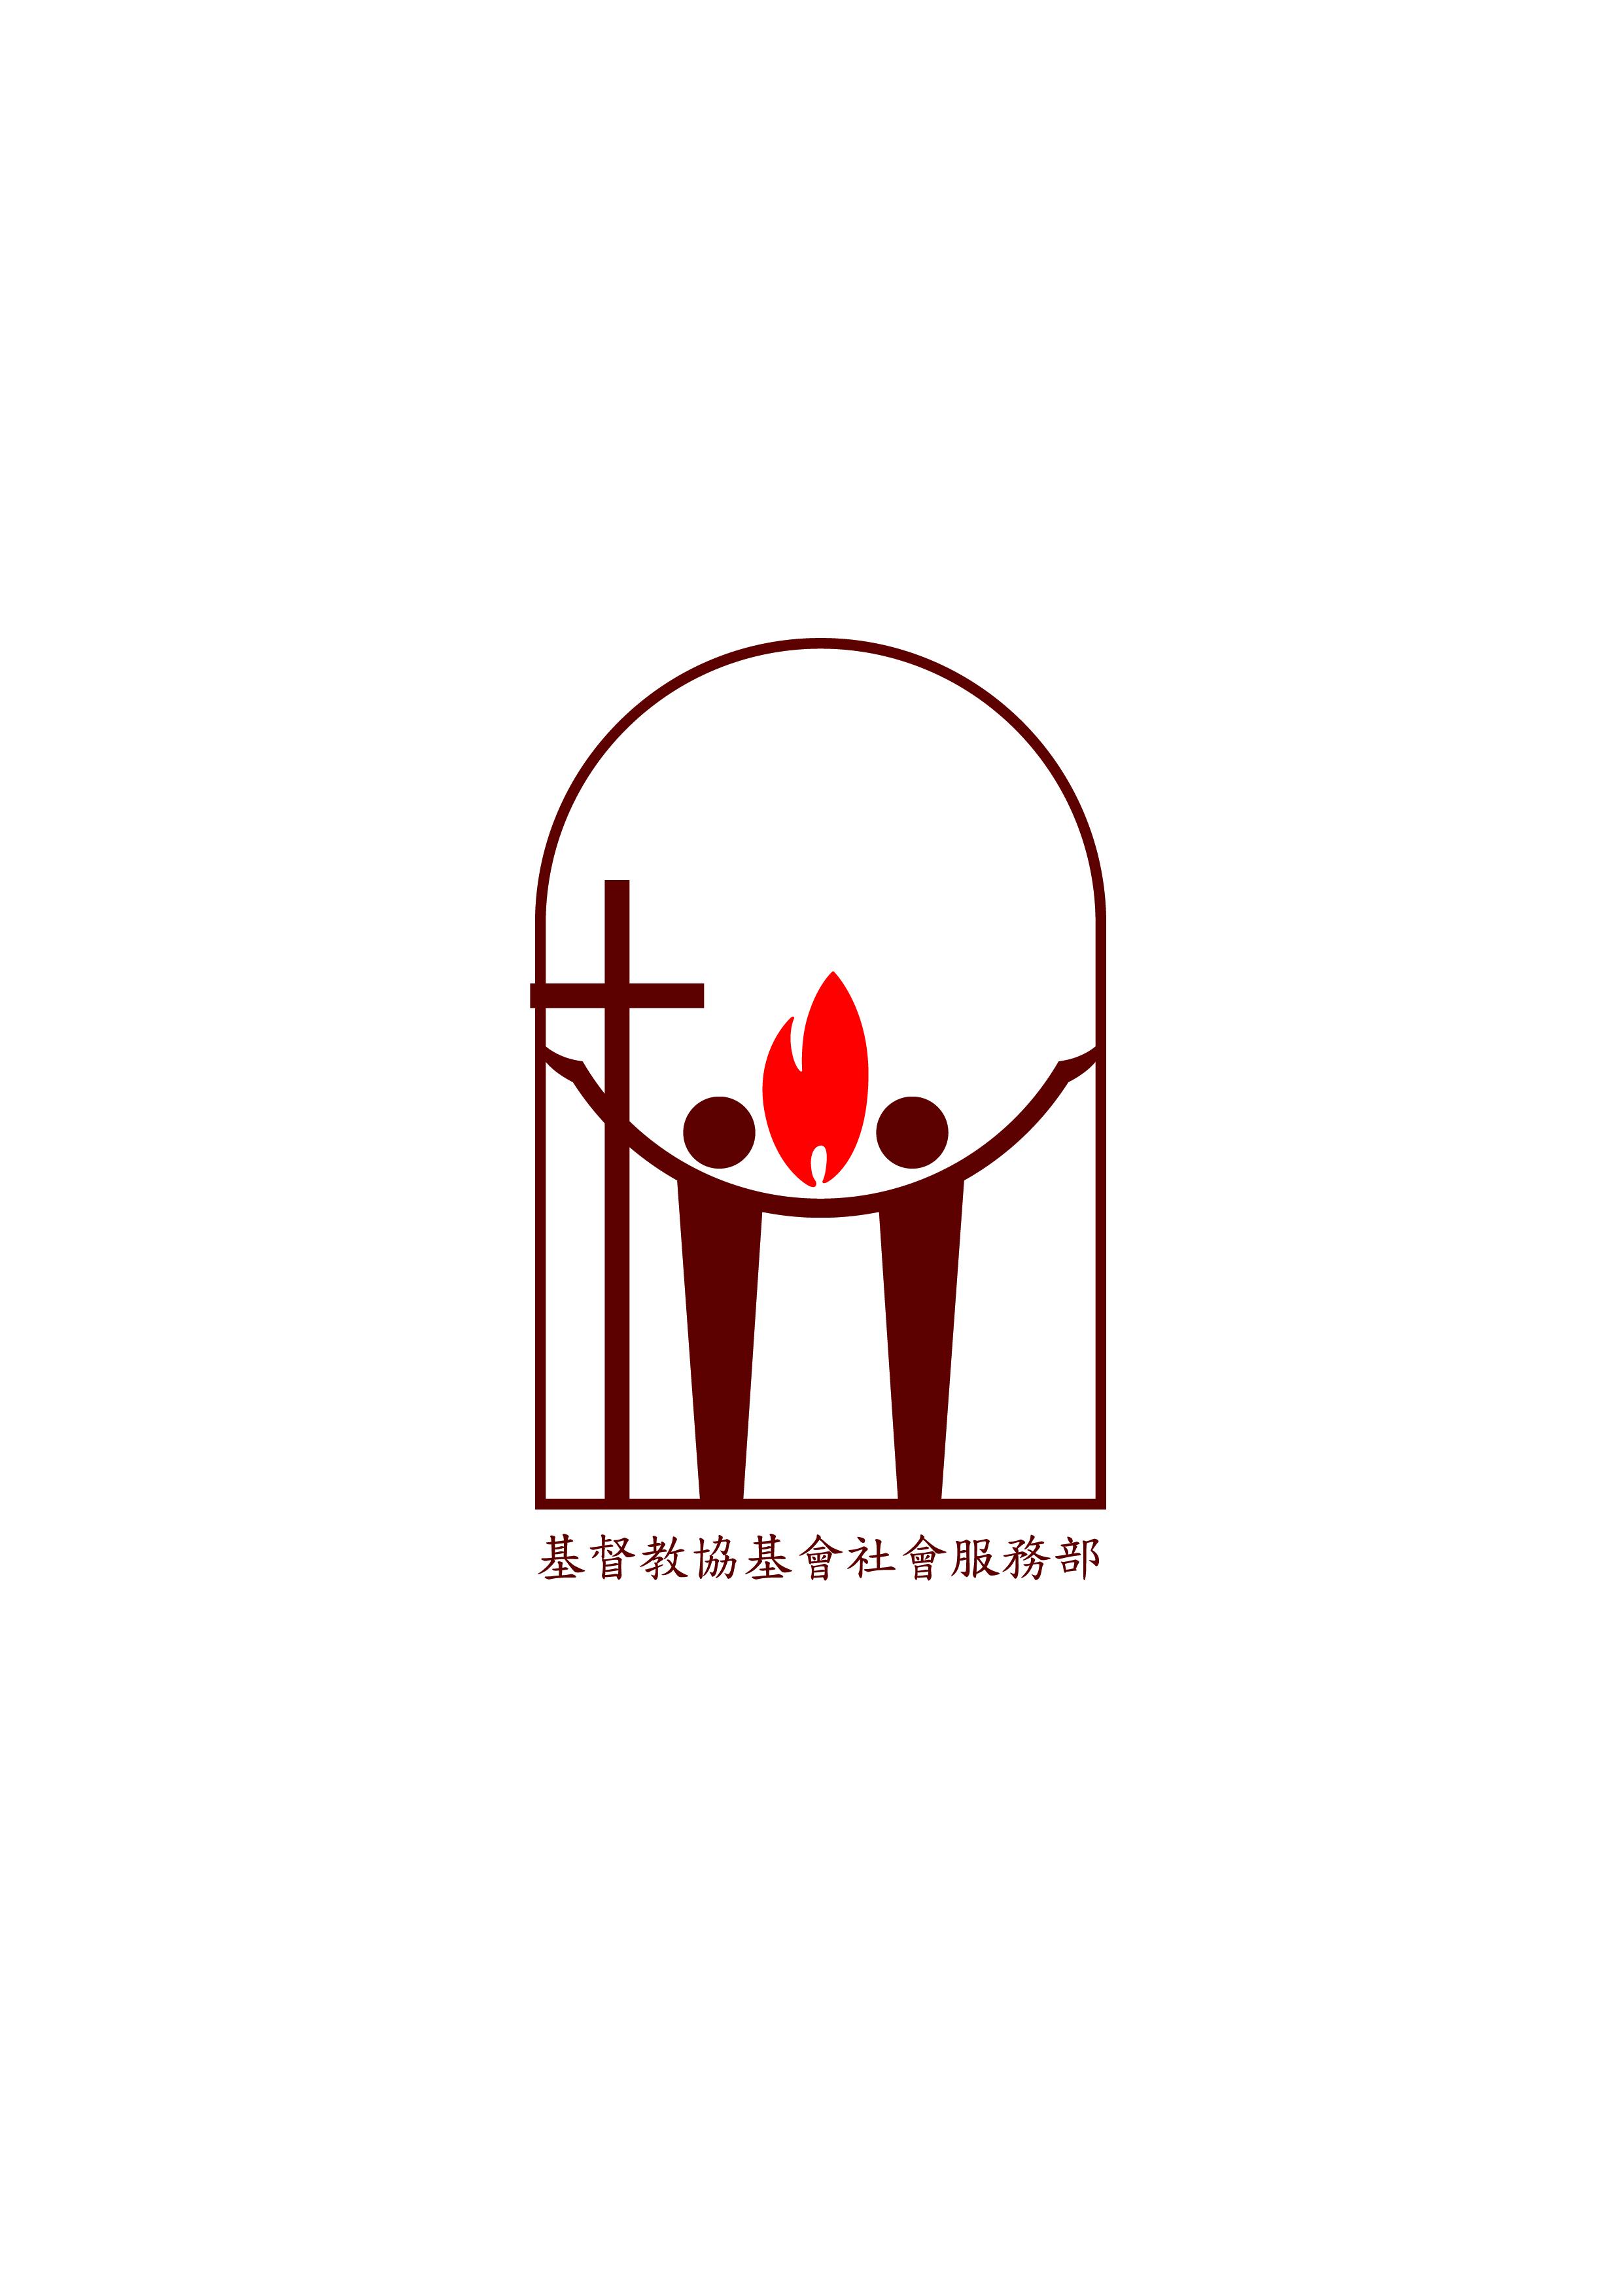 UBHK_logo_中文